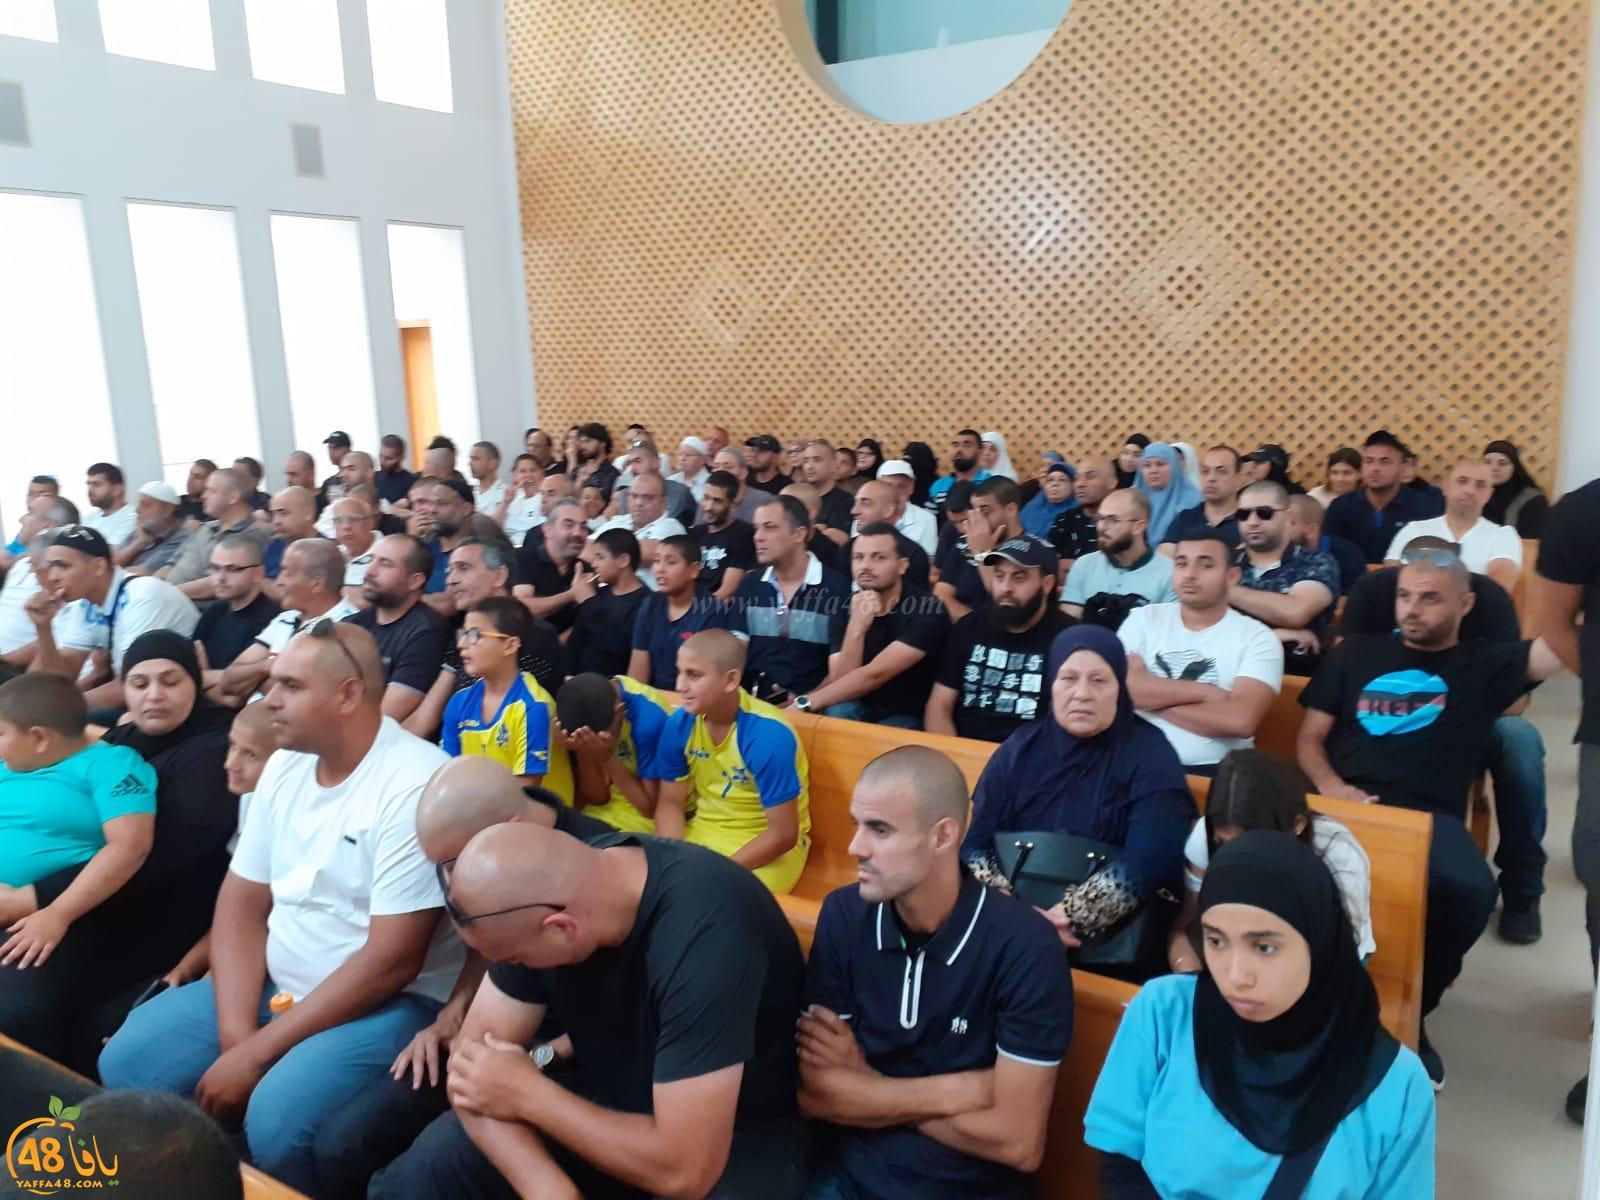 فيديو: المحكمة تقرر الإبقاء على القرار الاحترازي بعدم مباشرة الاعمال في مقبرة الاسعاف بيافا